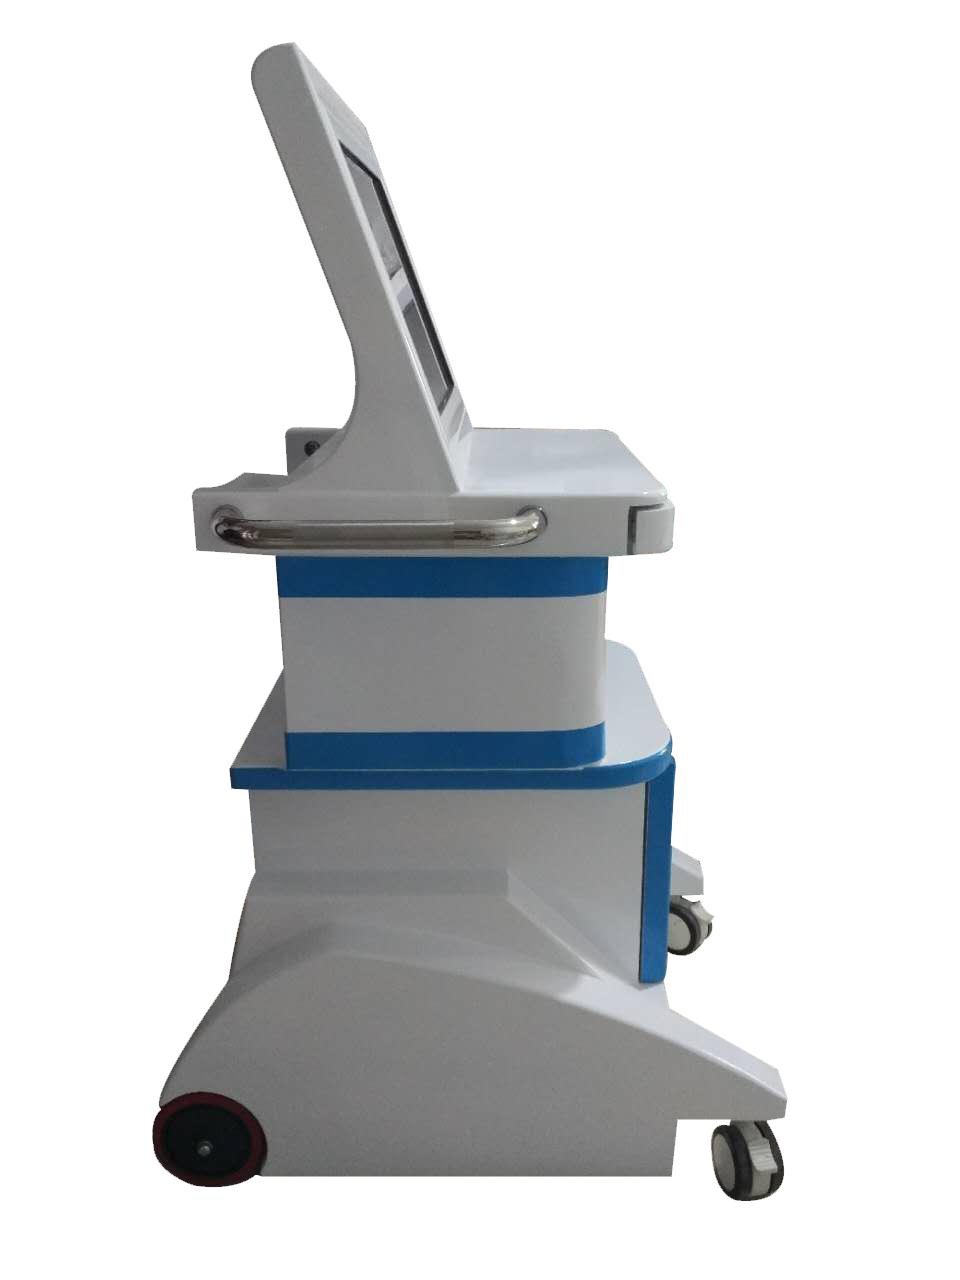 鹤壁热销中医体质辨识仪、中医体质辨识系统质量保证经久耐用